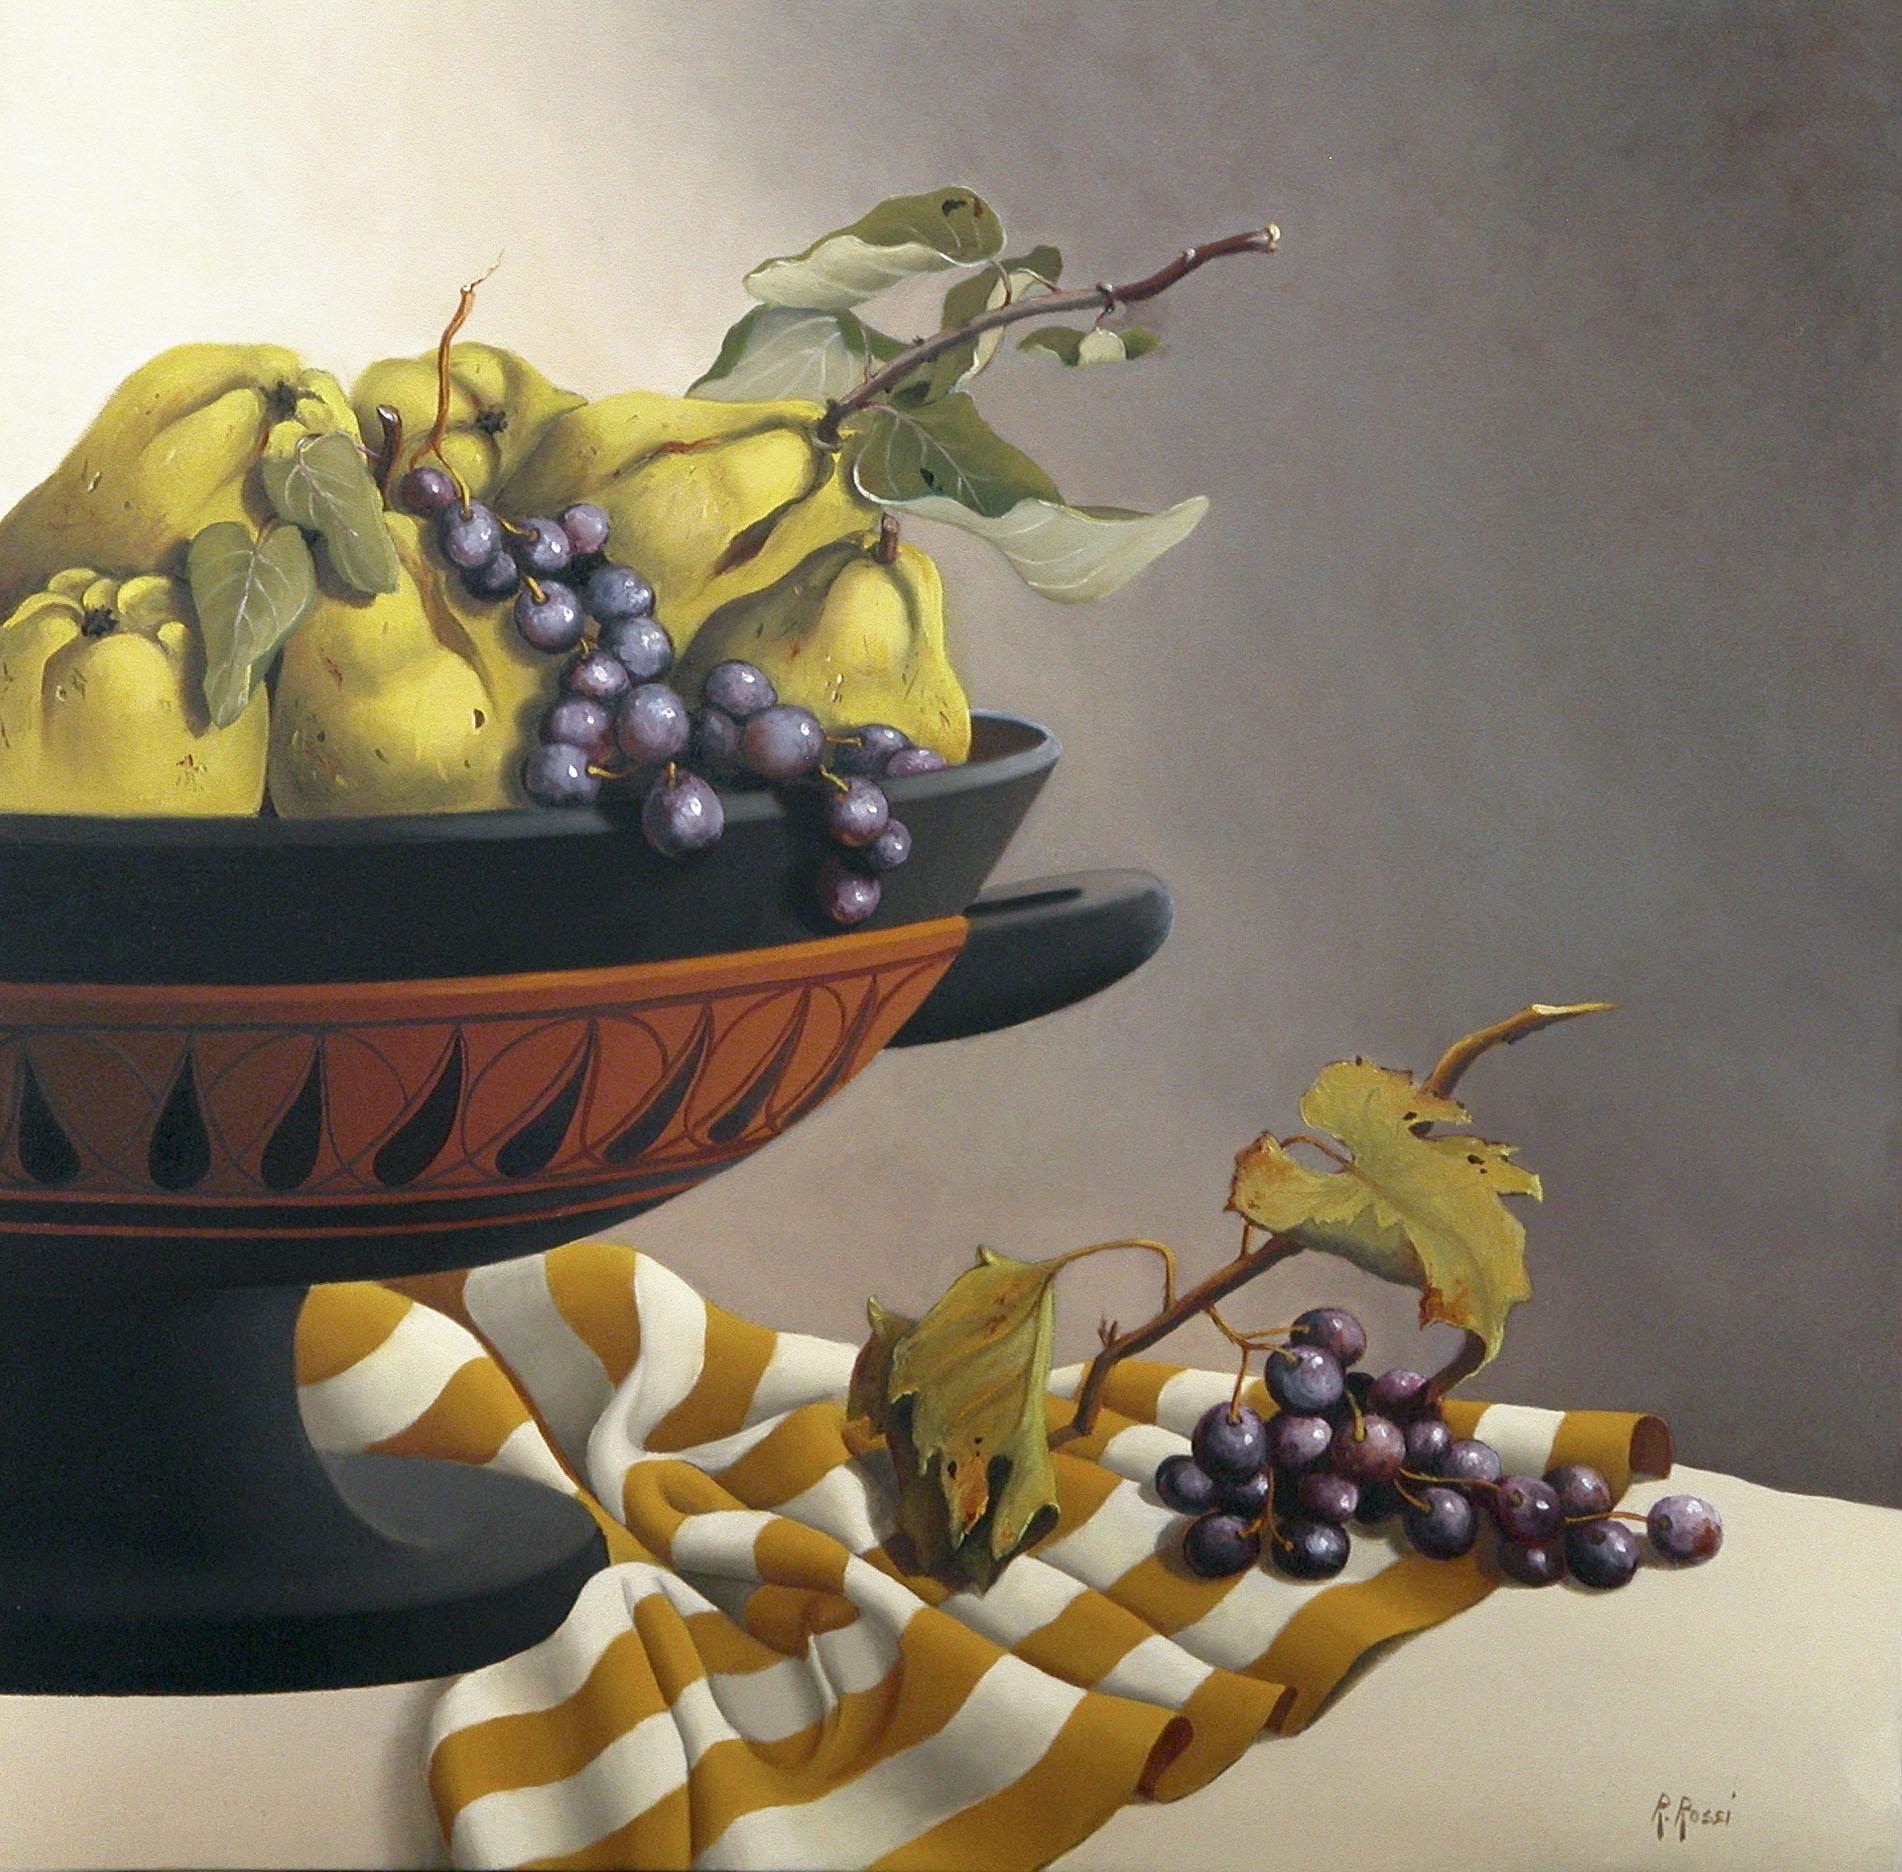 2008 roberta rossi - Composizione con Kylix - mele cotogne e uva - olio su tela - 40 x 40